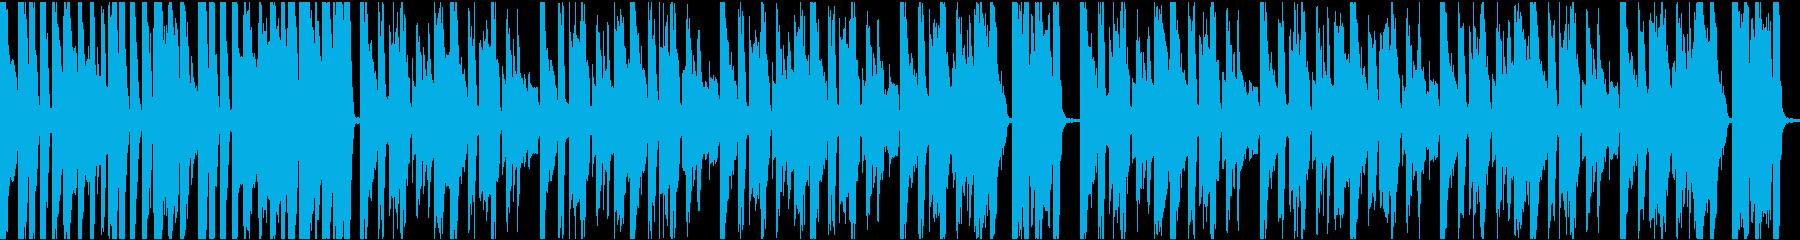 9秒でサビ、イケイケ/カラオケループの再生済みの波形